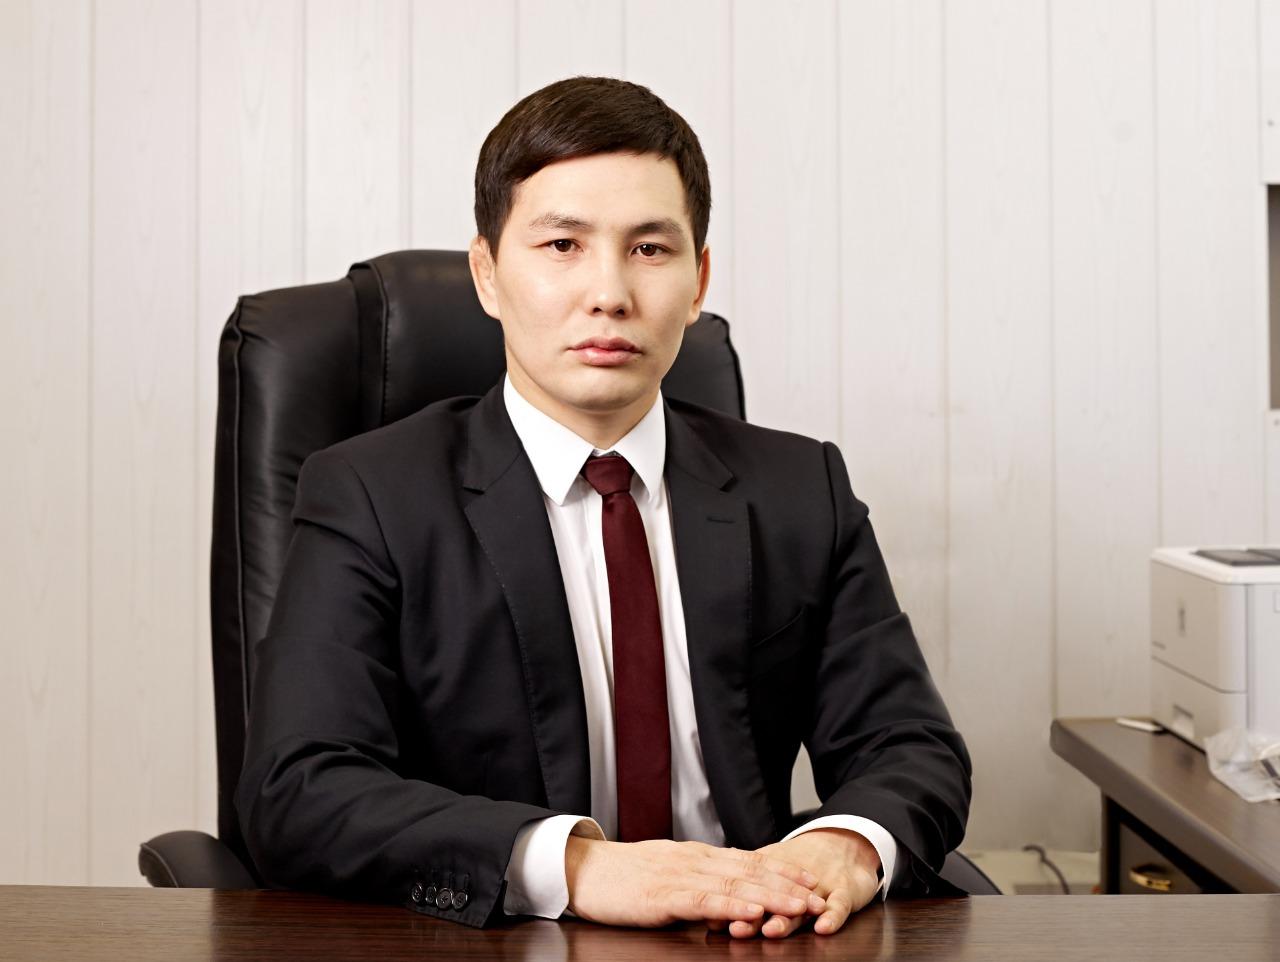 Народный депутат Ил Тумэна Виктор Лебедев избил подчиненного